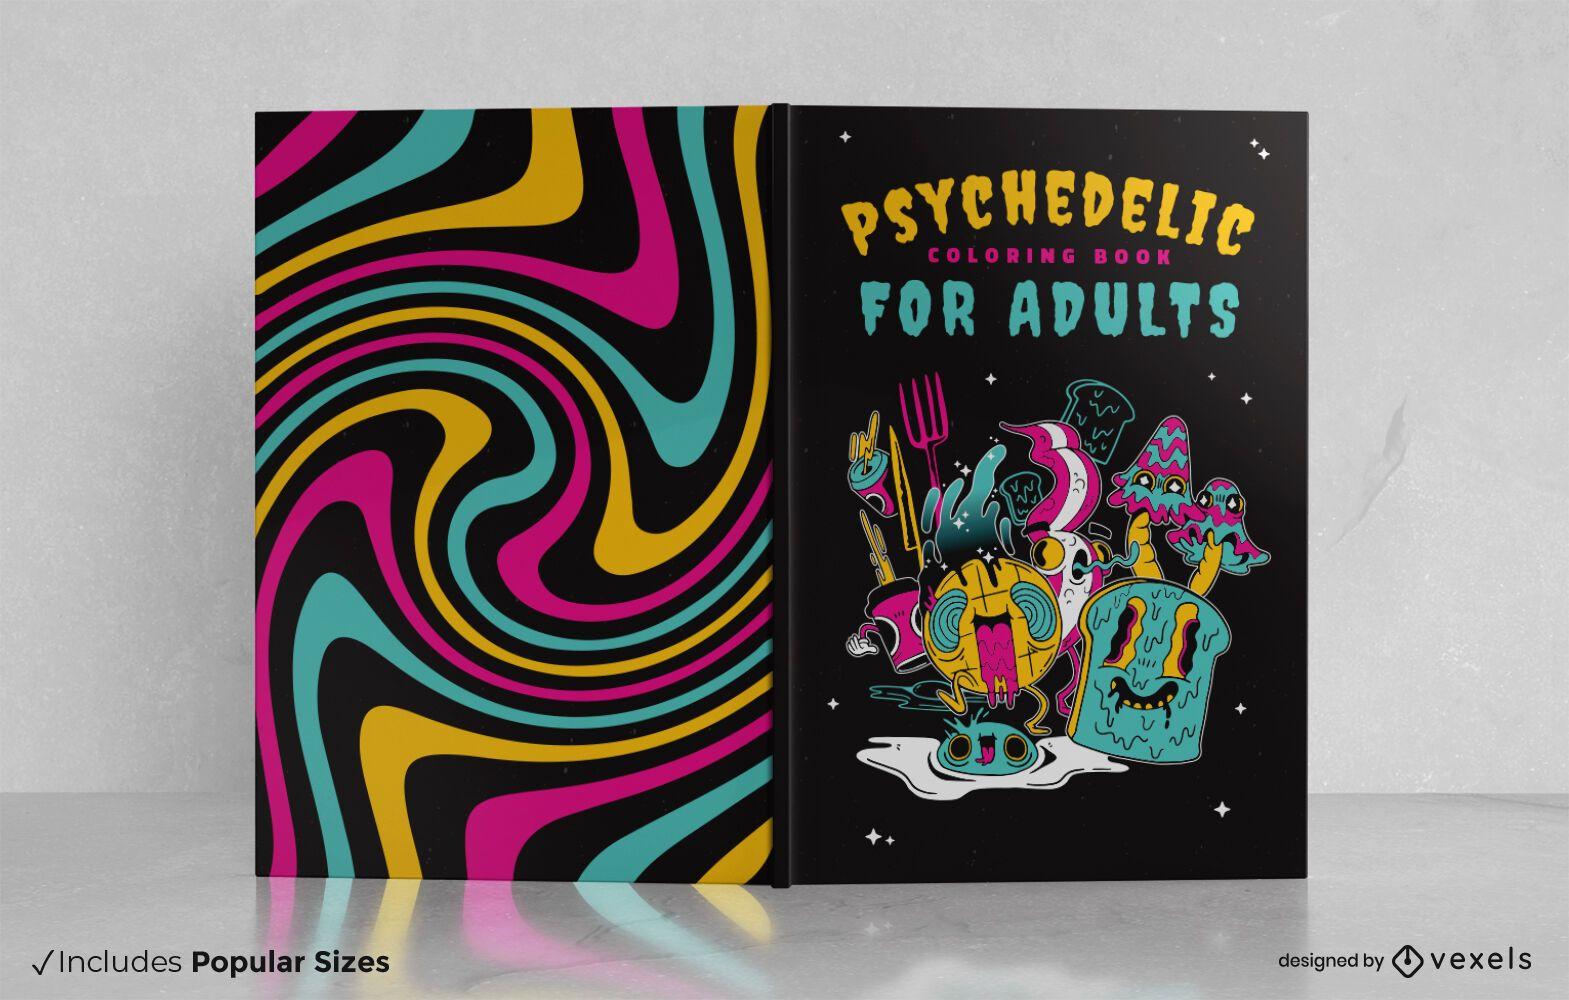 Dise?o de portada de libro psicod?lico